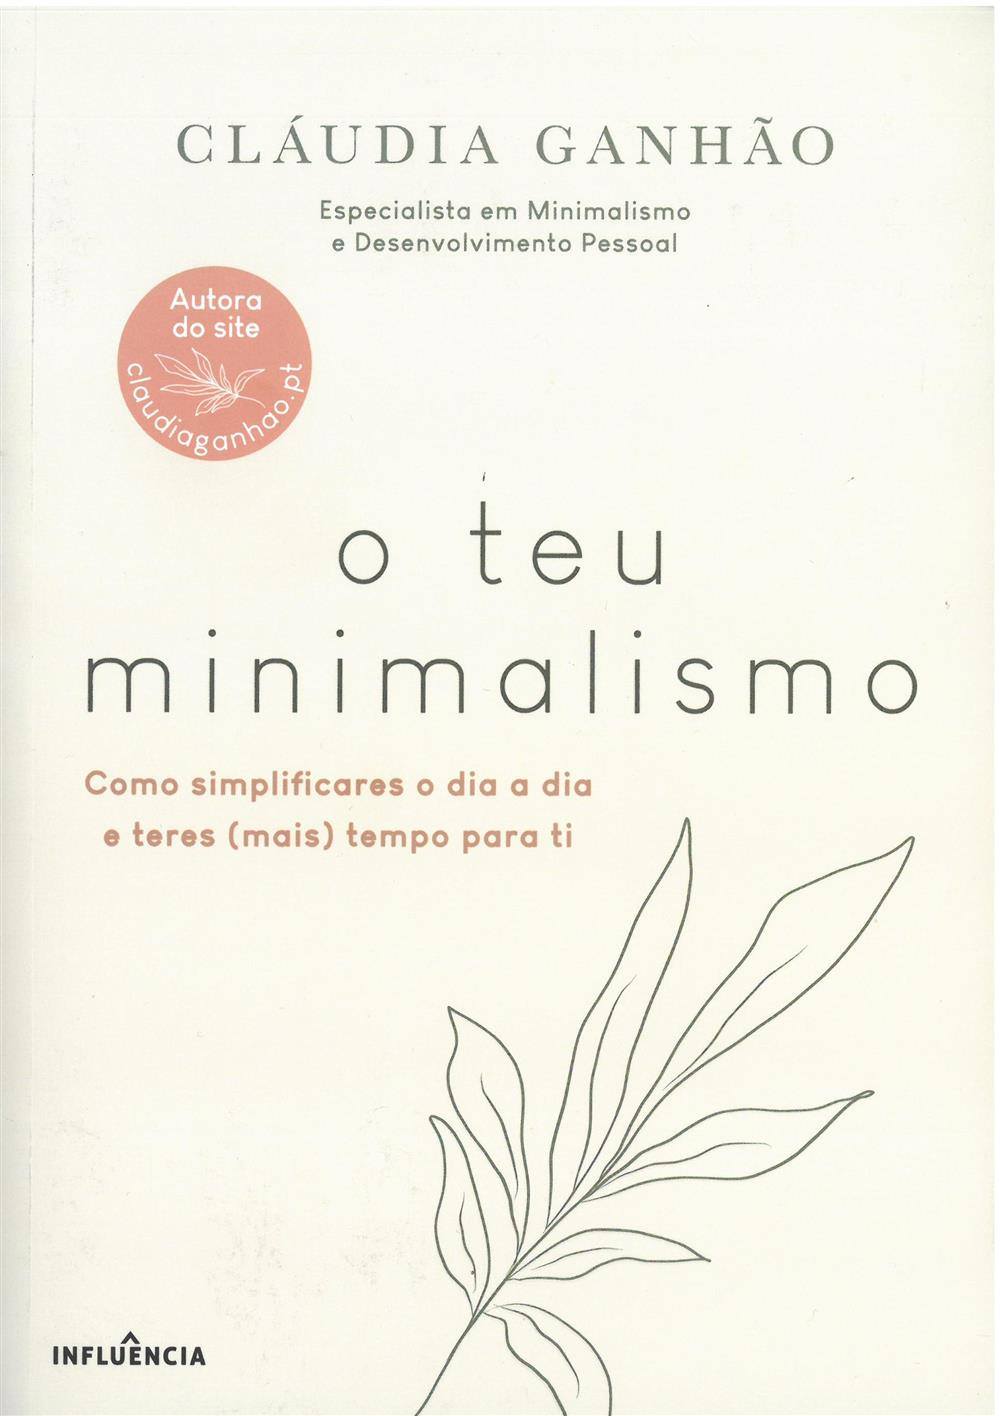 GANHÃO, Cláudia (2021). O teu minimalismo.jpg